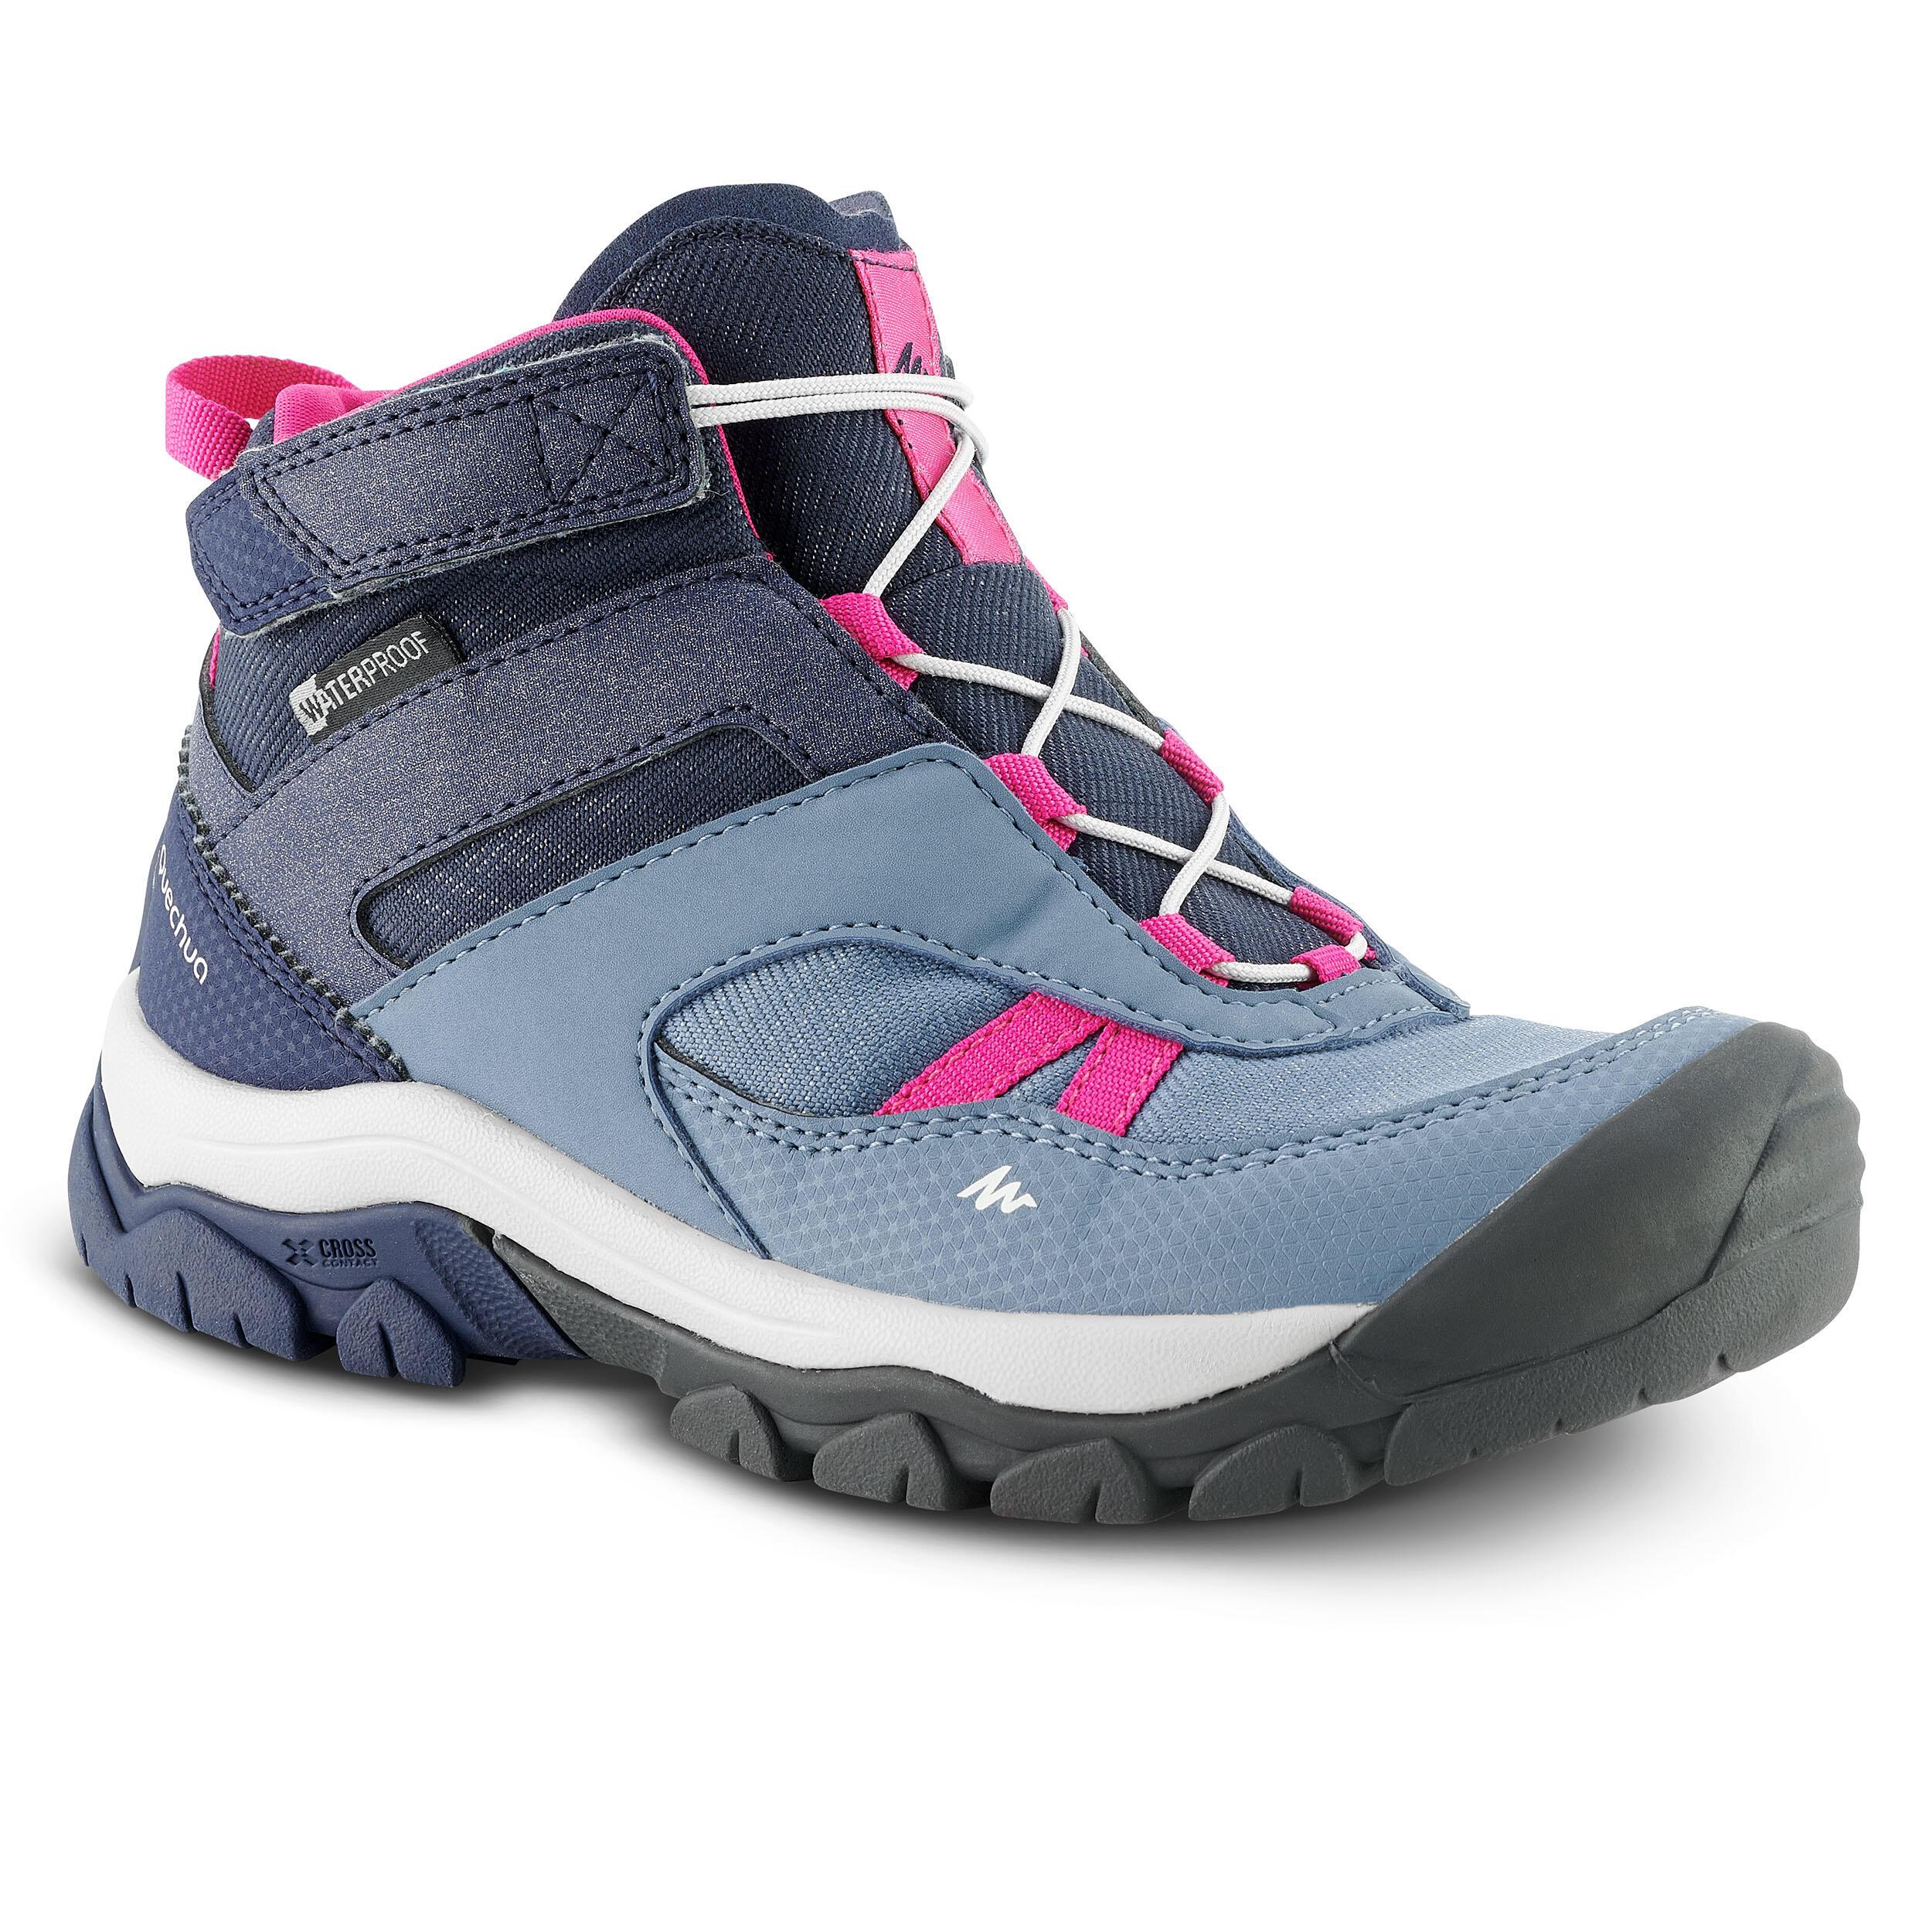 Meindl Kinder Mädchen Wanderschuhe Outdoorschuhe Sportschuhe Schuhe grau lila